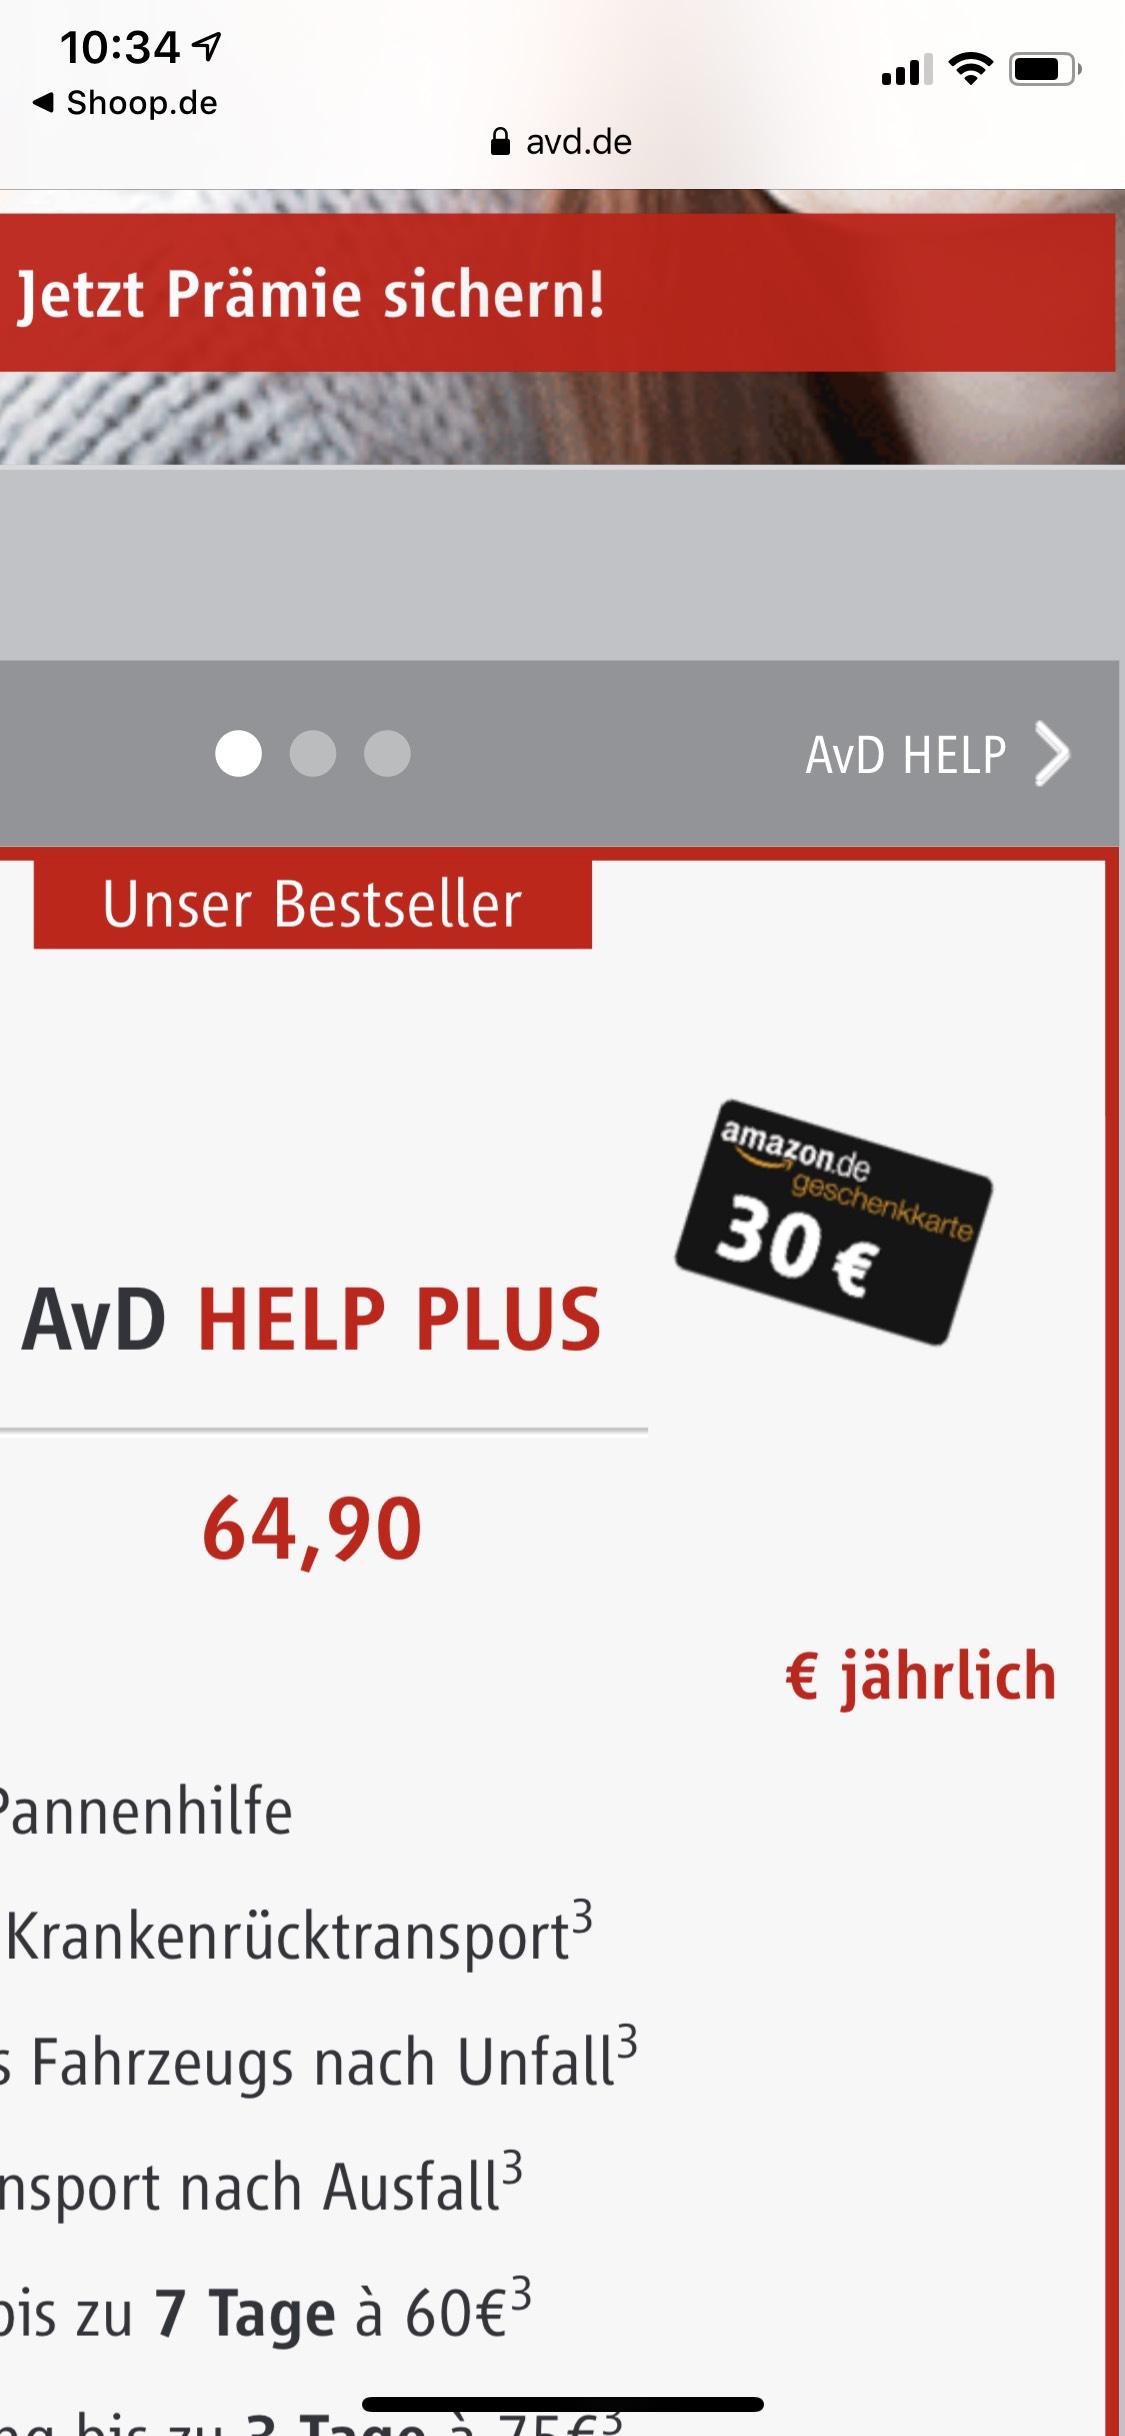 AvD Help Plus Mitgliedschaft mit 30€ Amazon und 12€Shoop